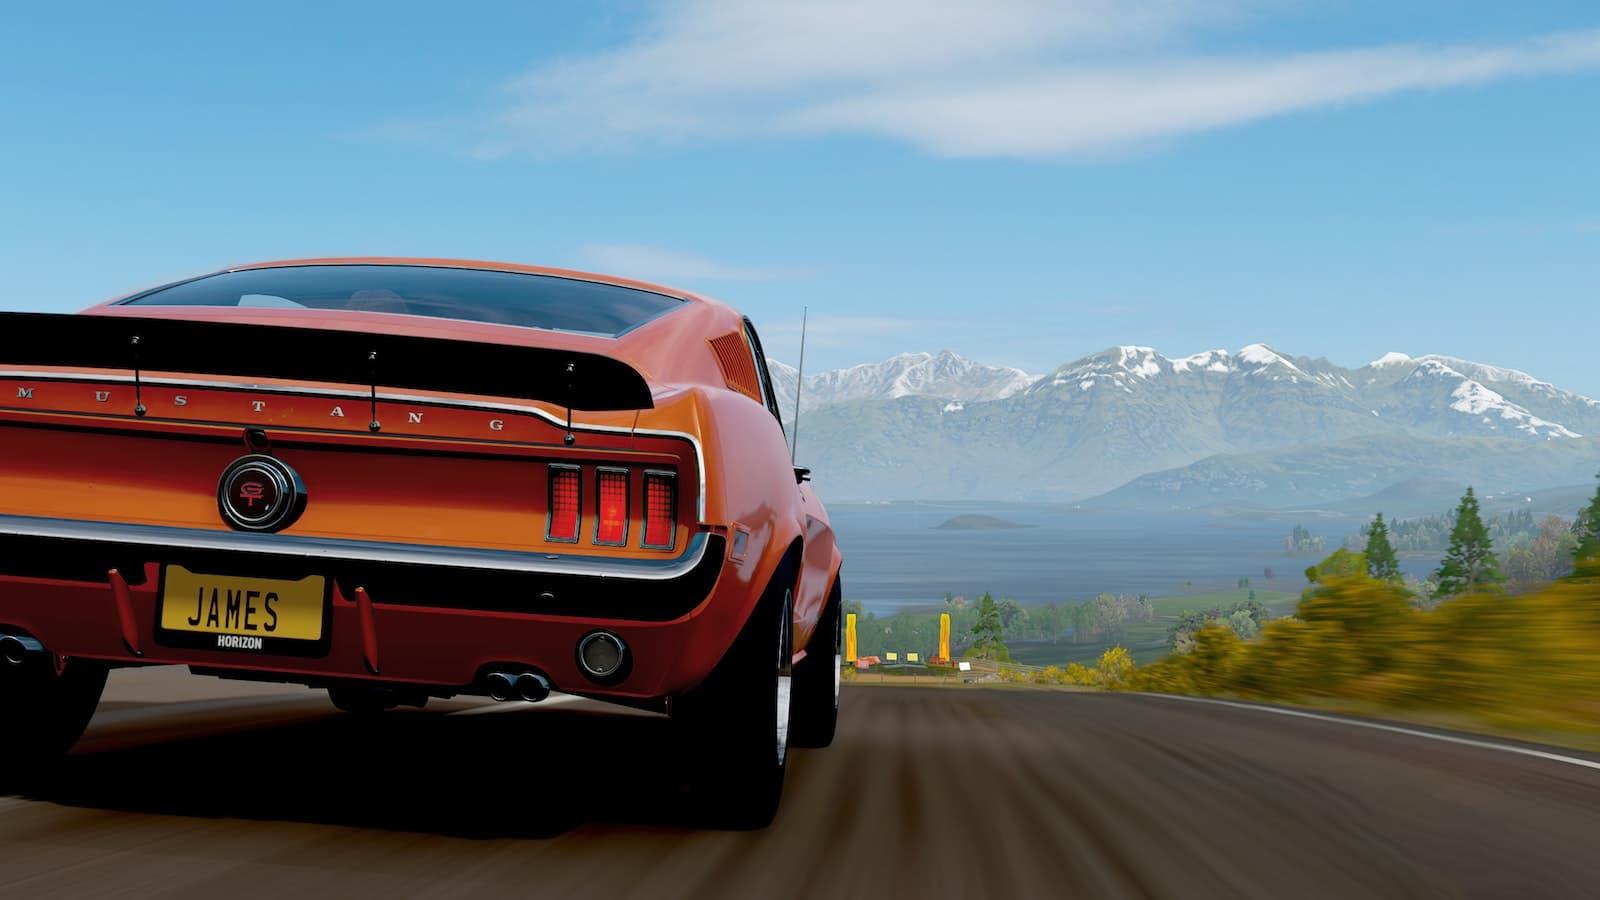 Kochasz samochody i motoryzację? Sprawdź 6 najbardziej kultowych filmów